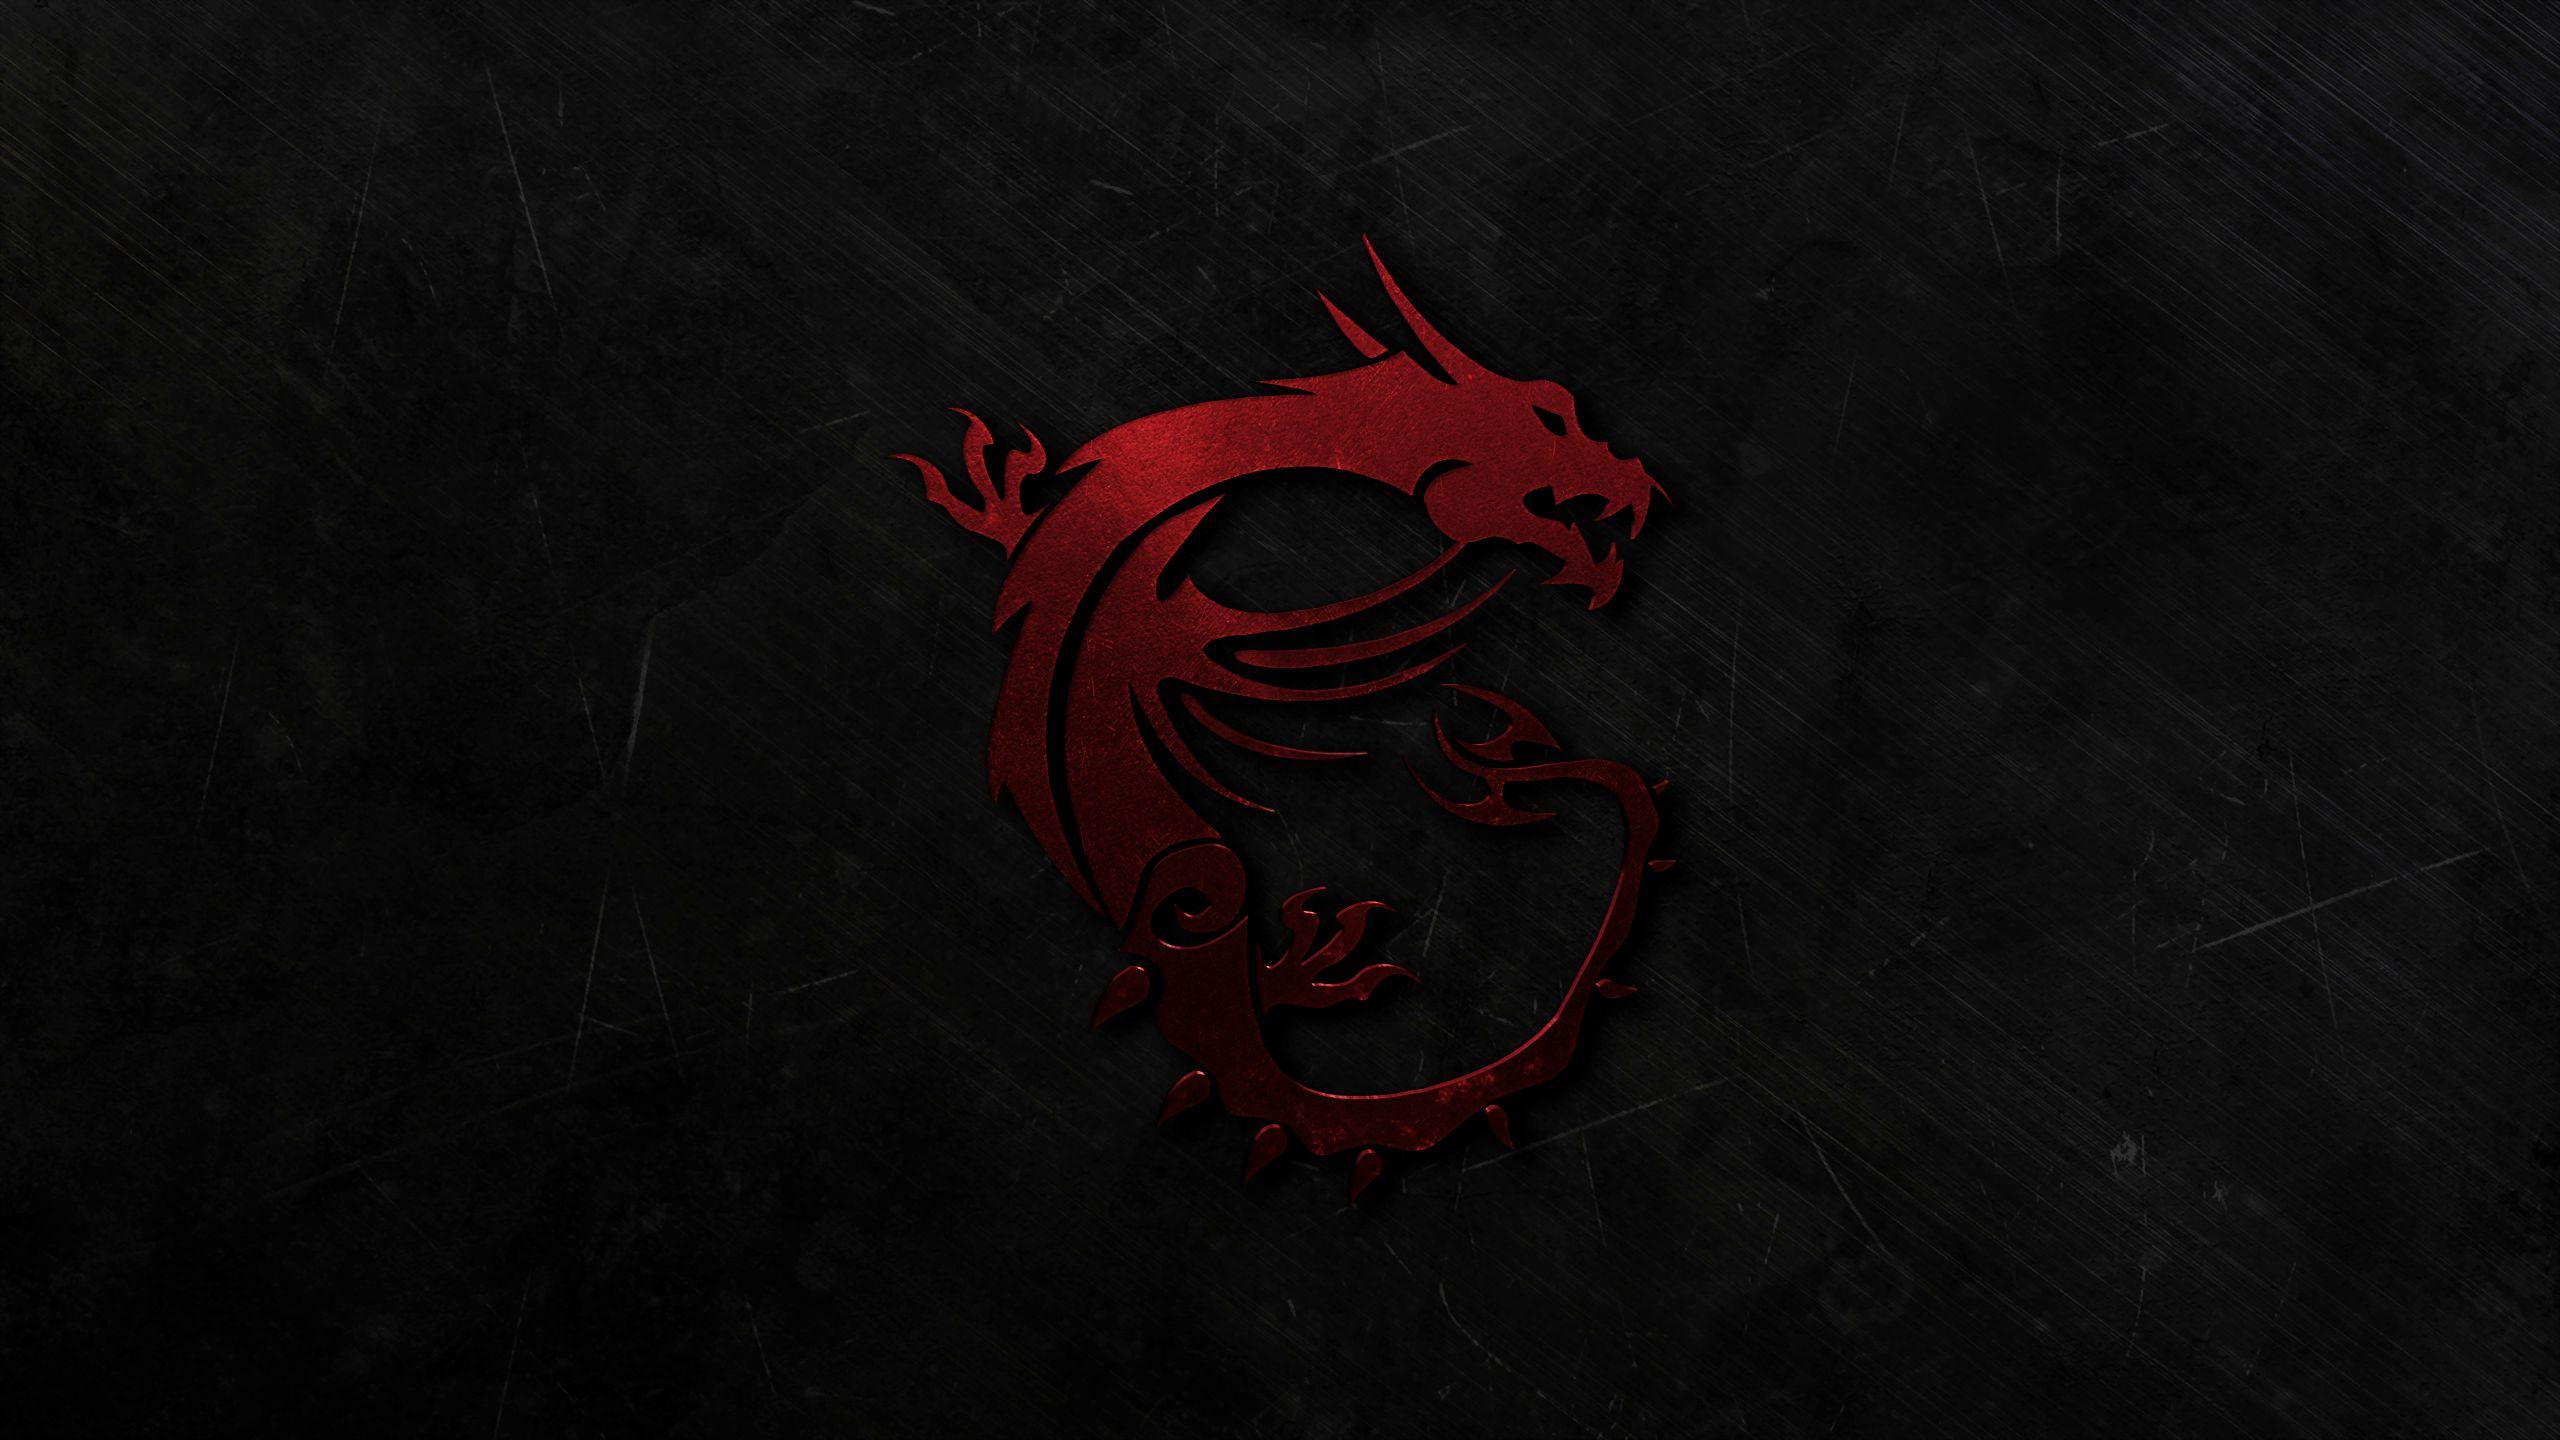 MSI Dragon 4K Wallpaper